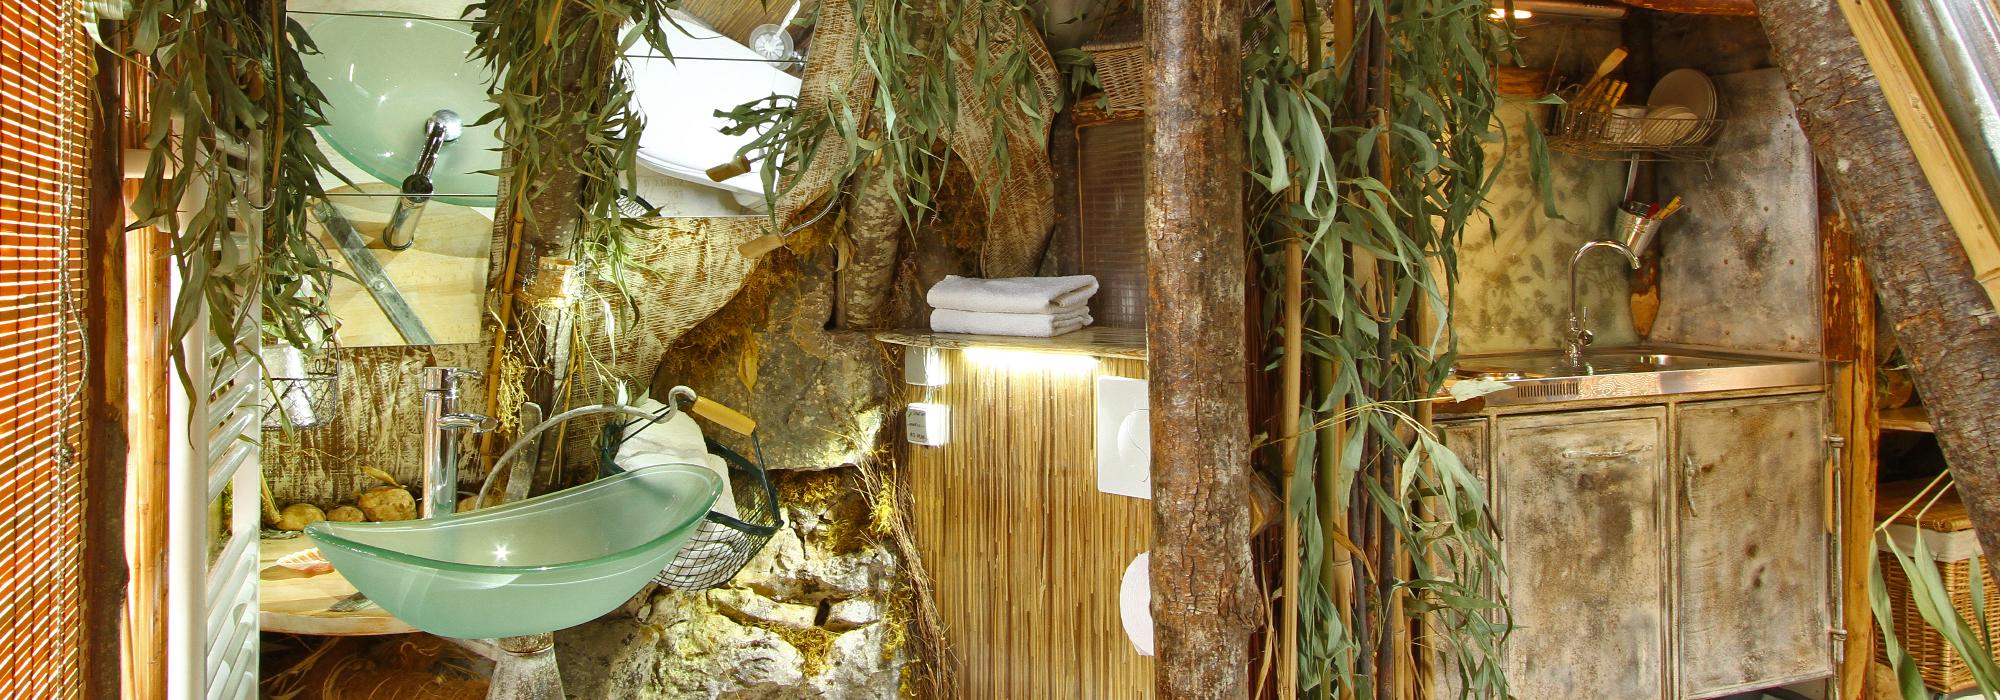 Salle de bain cabane rocamadour